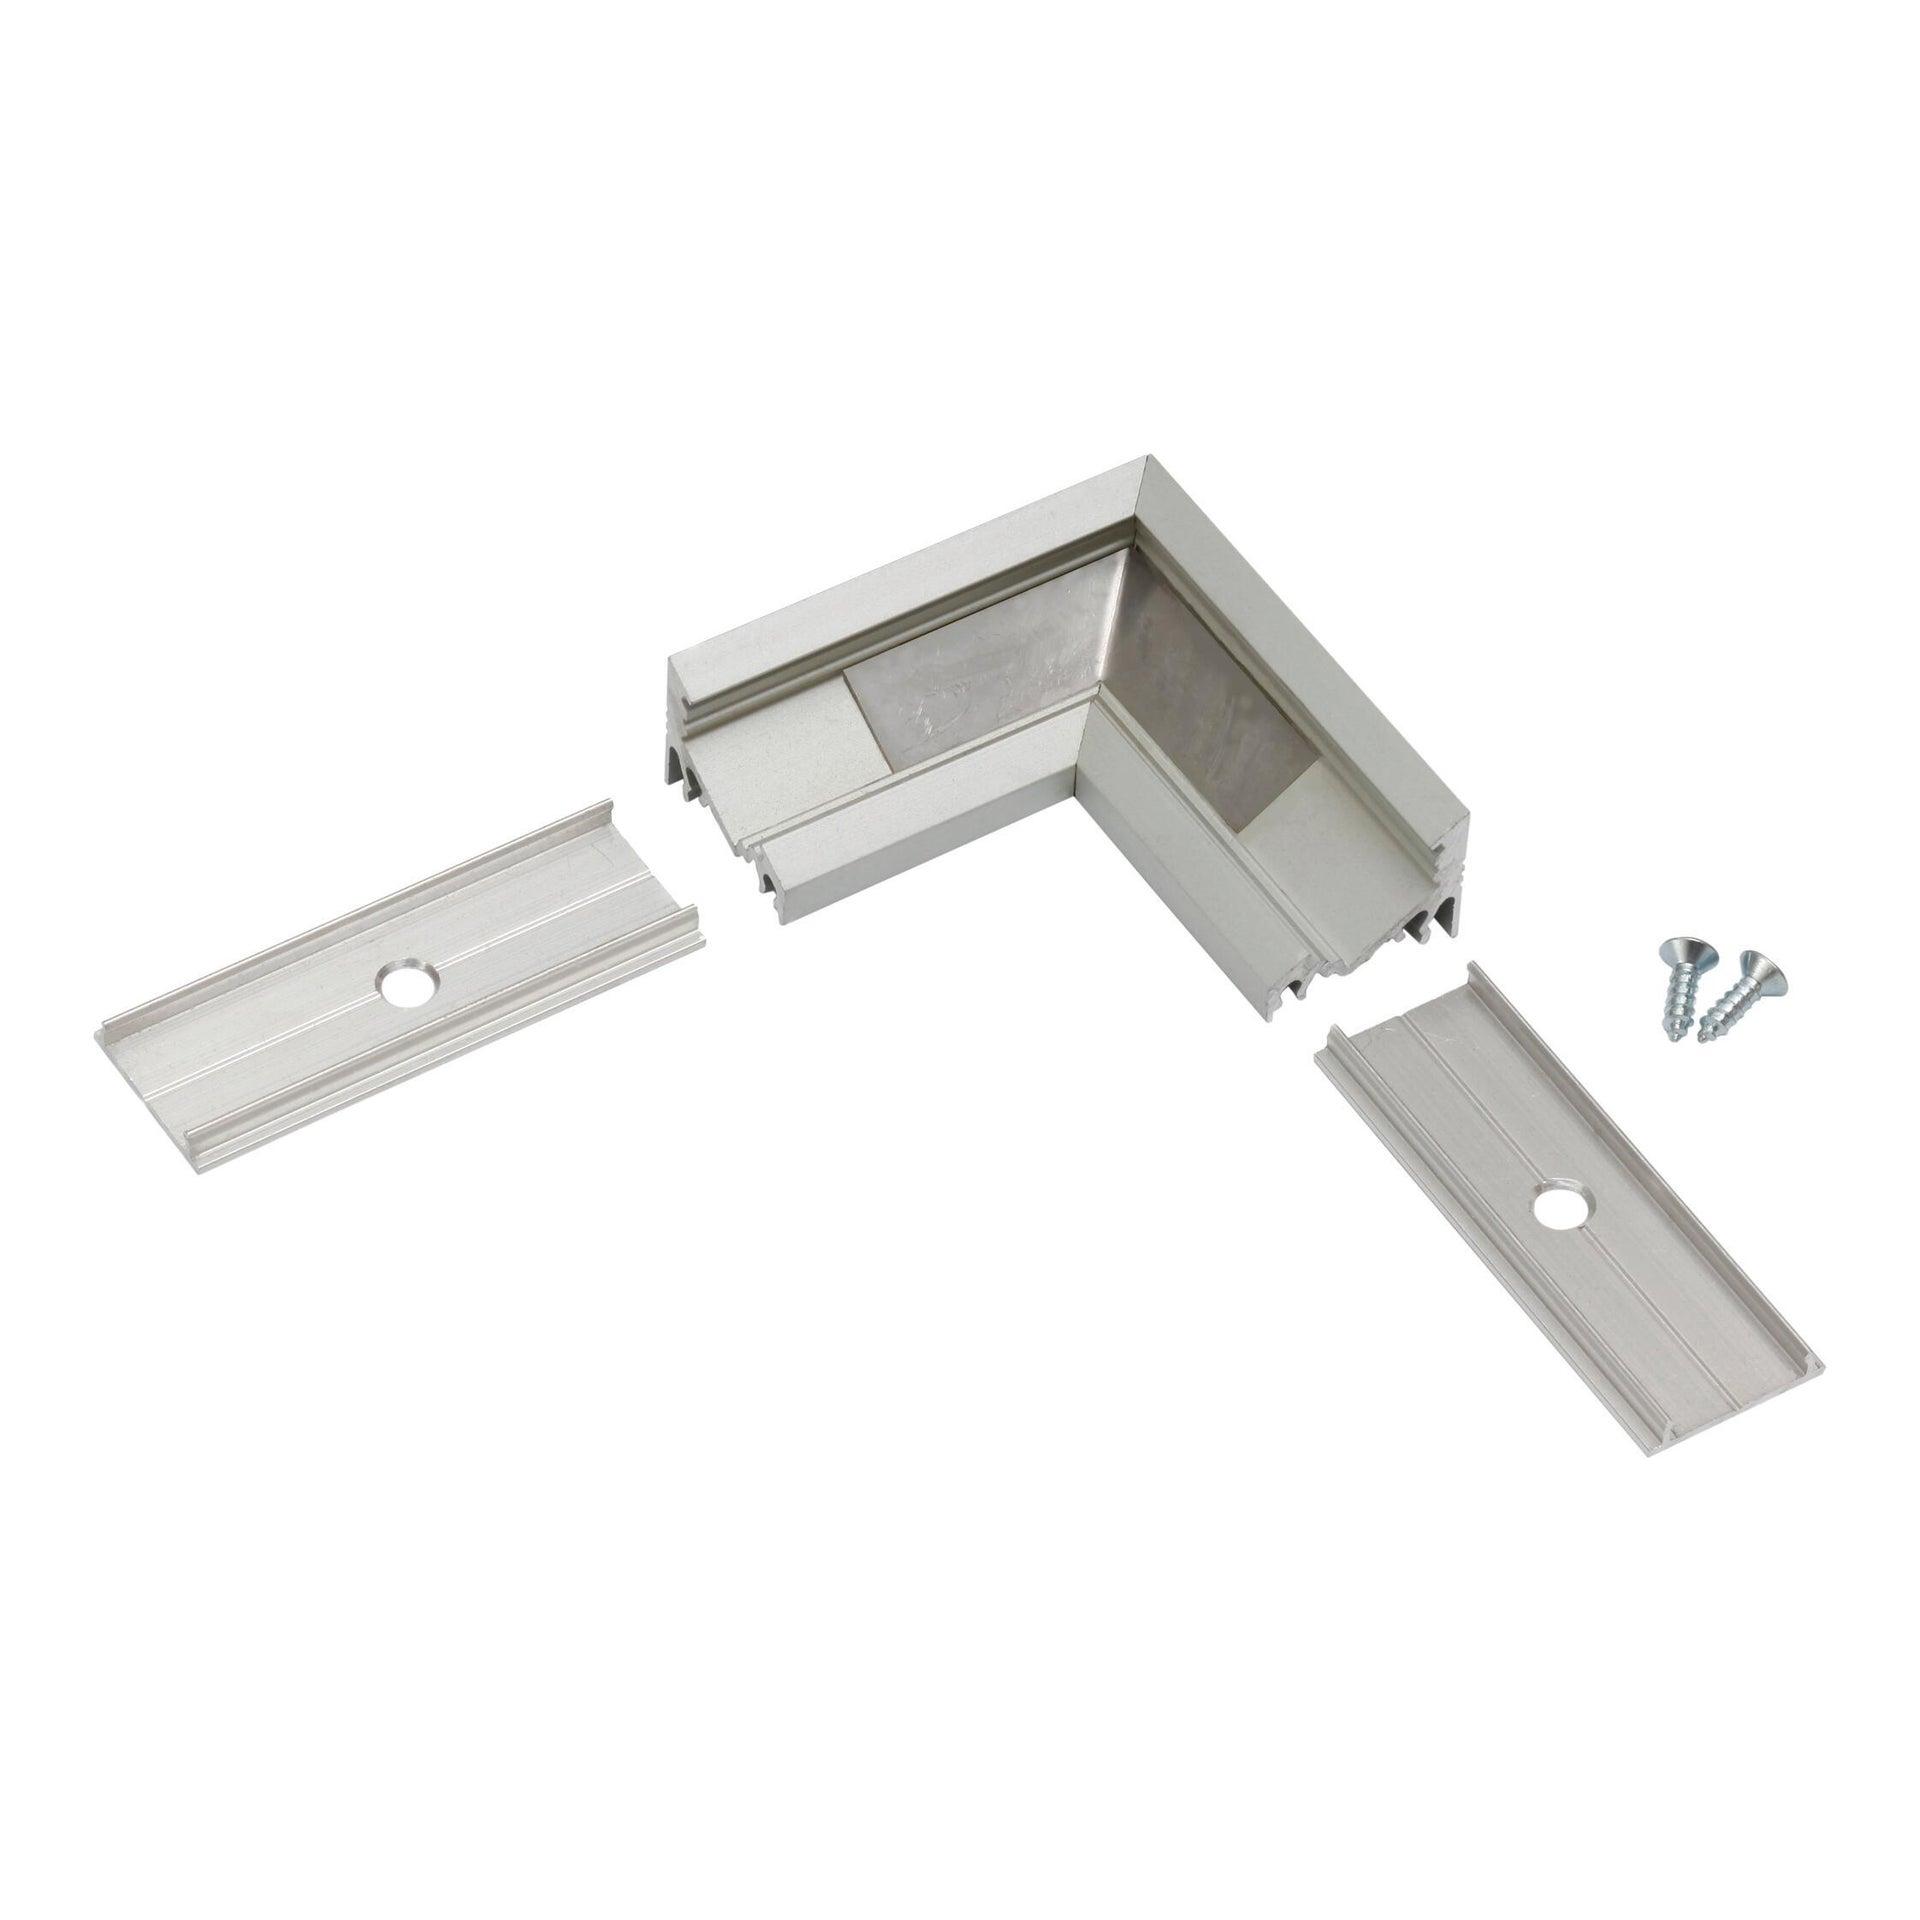 Connettore per profilo strisce led, grigio / argento, 2 m - 2